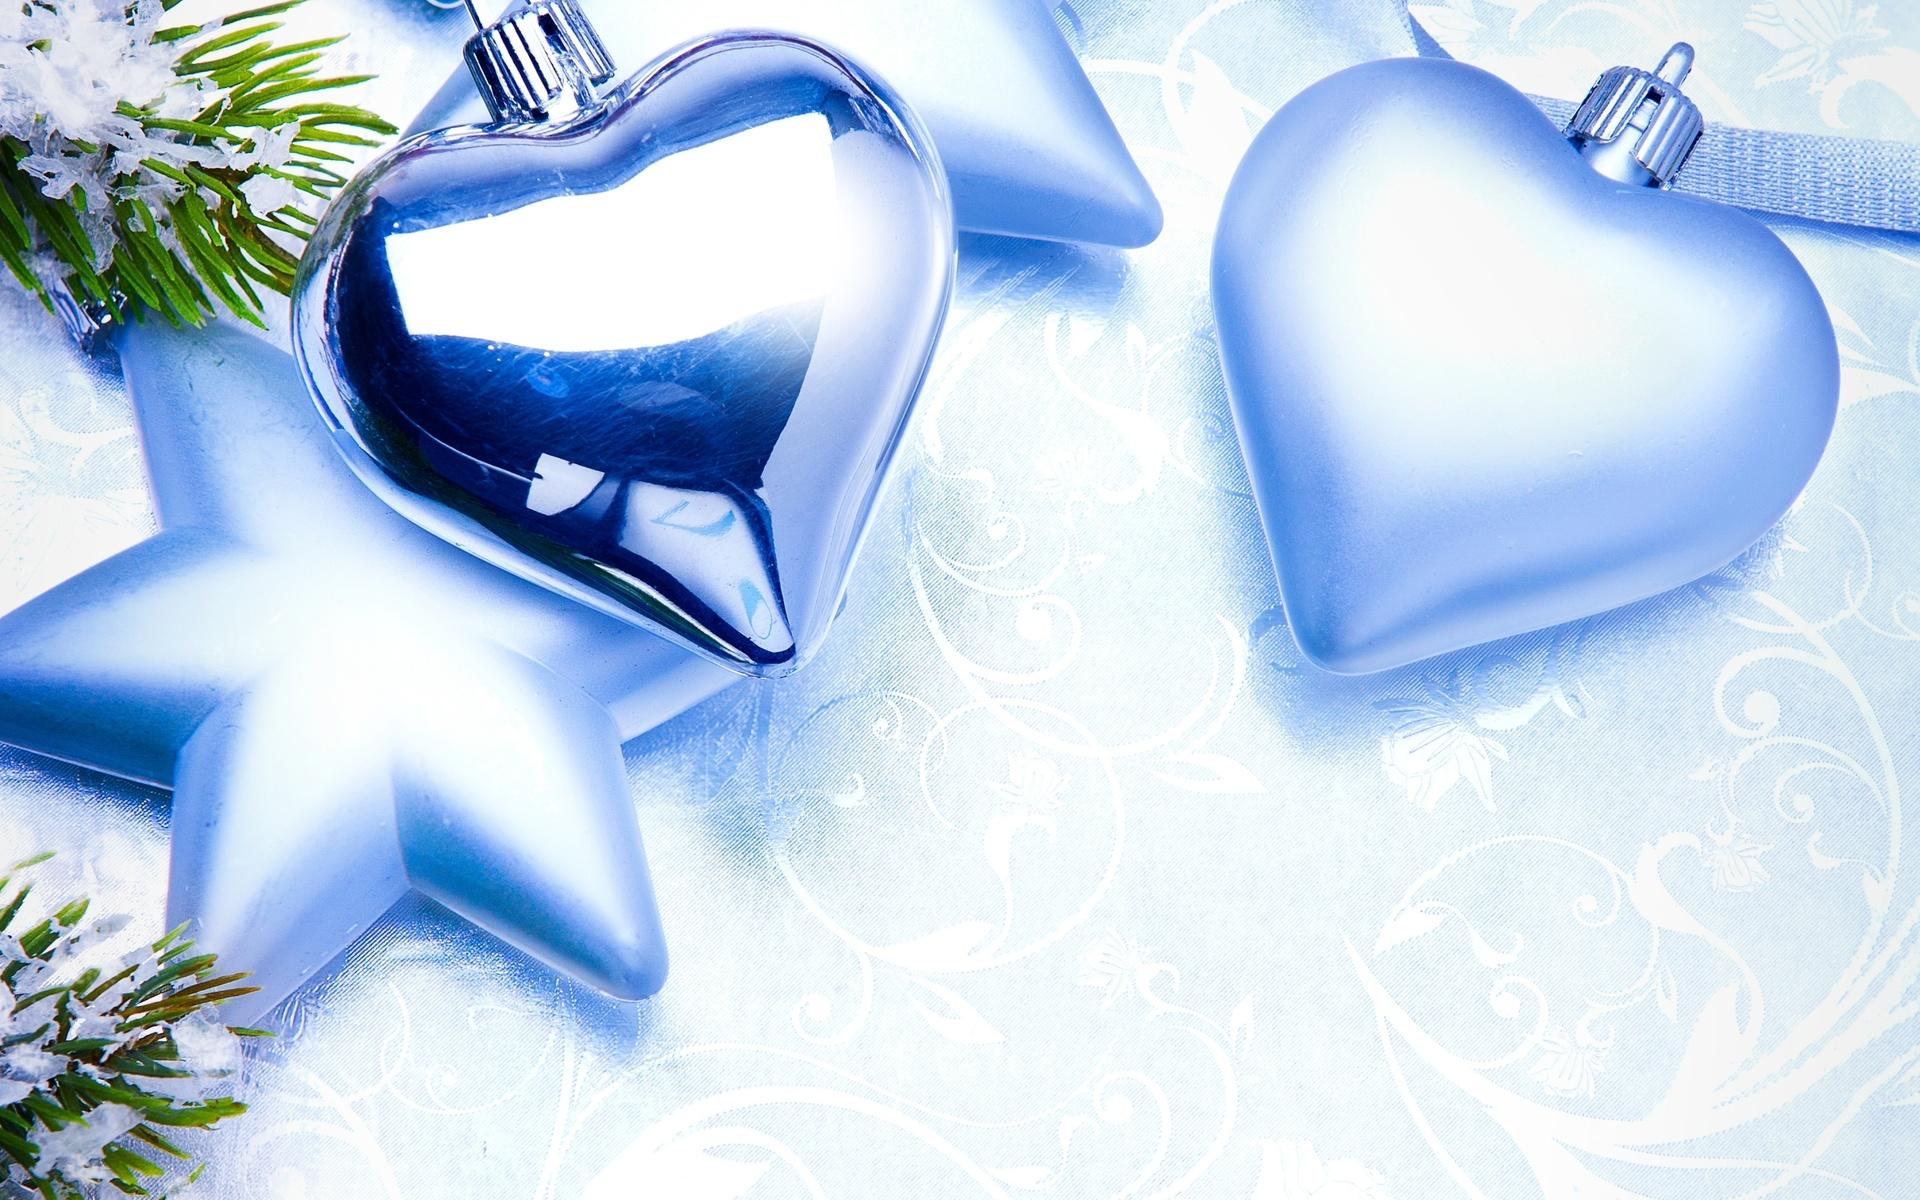 лук нарезаем тройные картинки с новым годом морозном белоснежном декабре